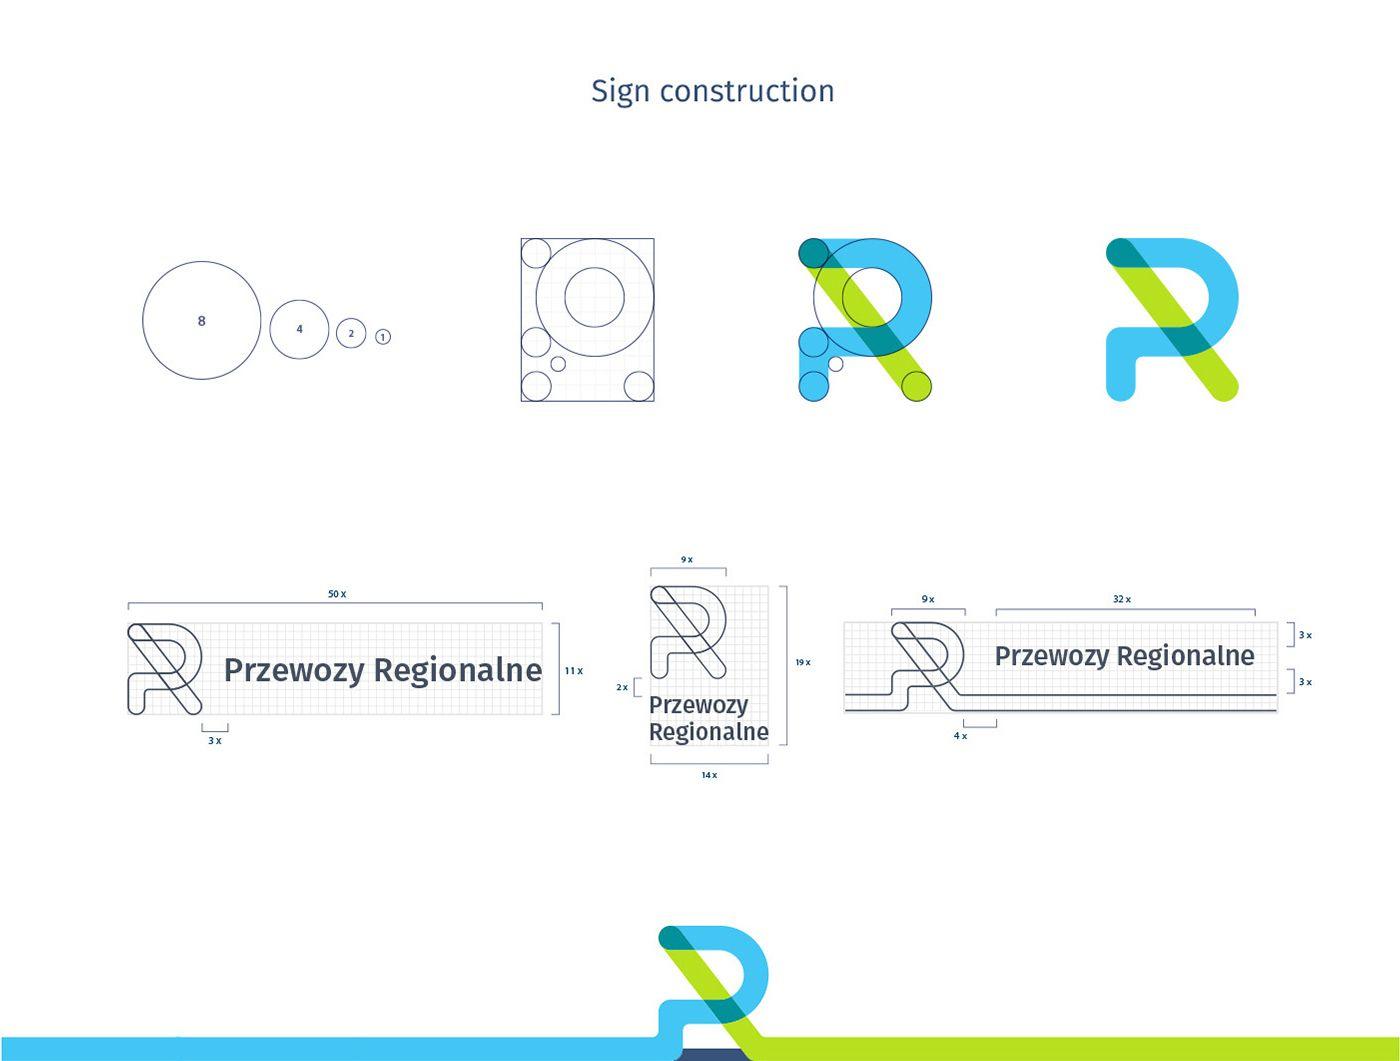 Przewozy Regionalne Redesign on Behance